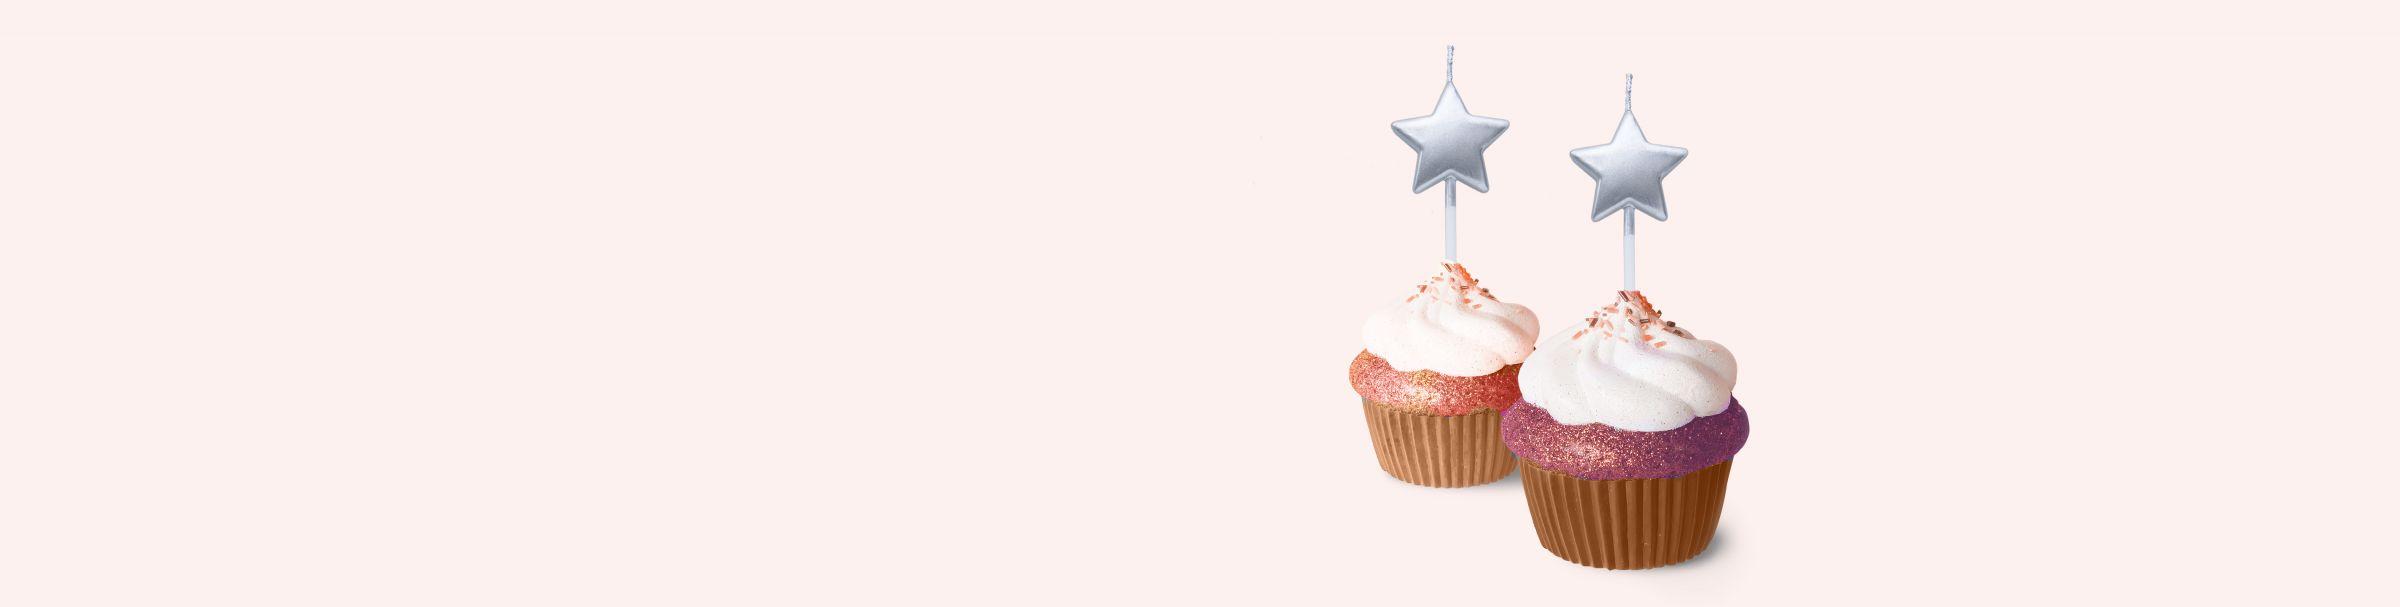 เทียนดาว สำหรับปาร์ตี้เค้ก